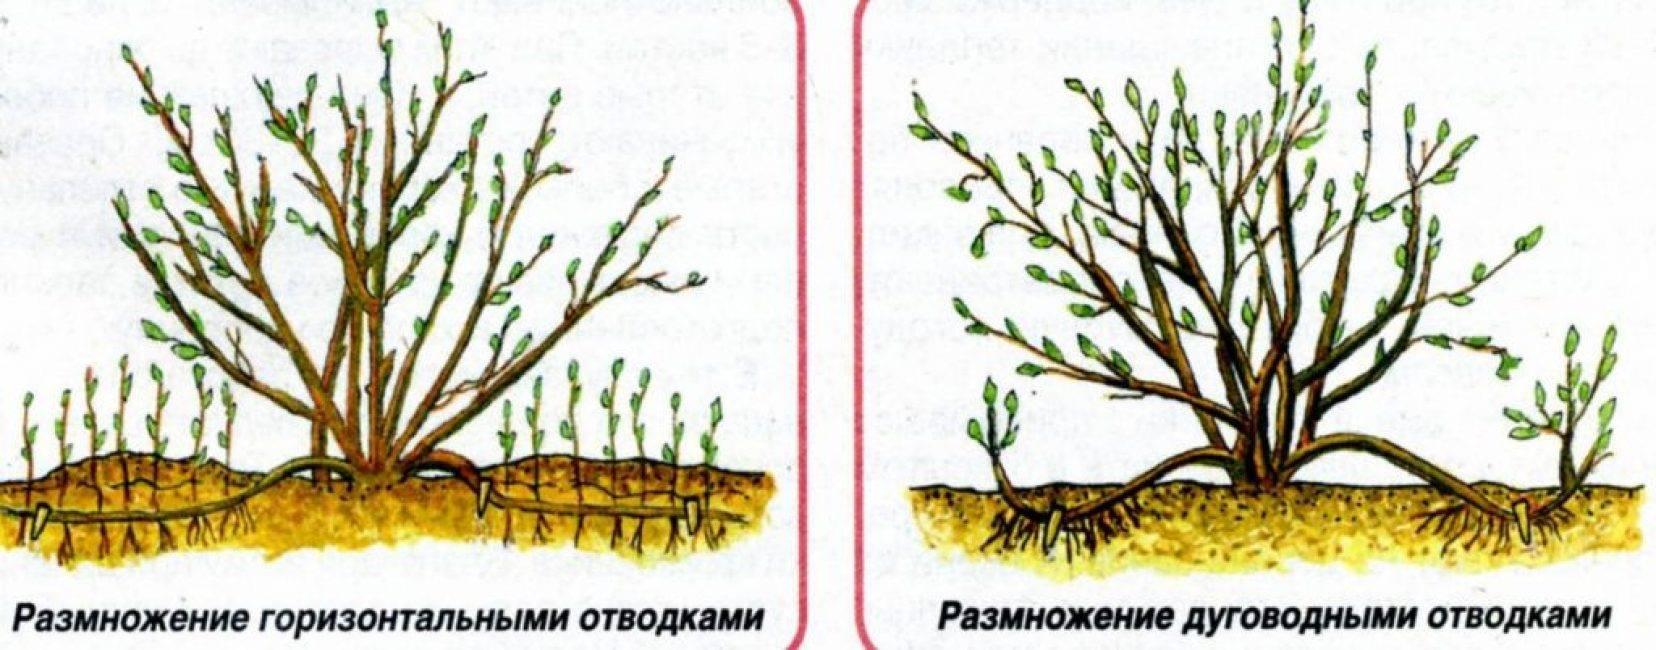 Выращивание спиреи из черенка: практические советы